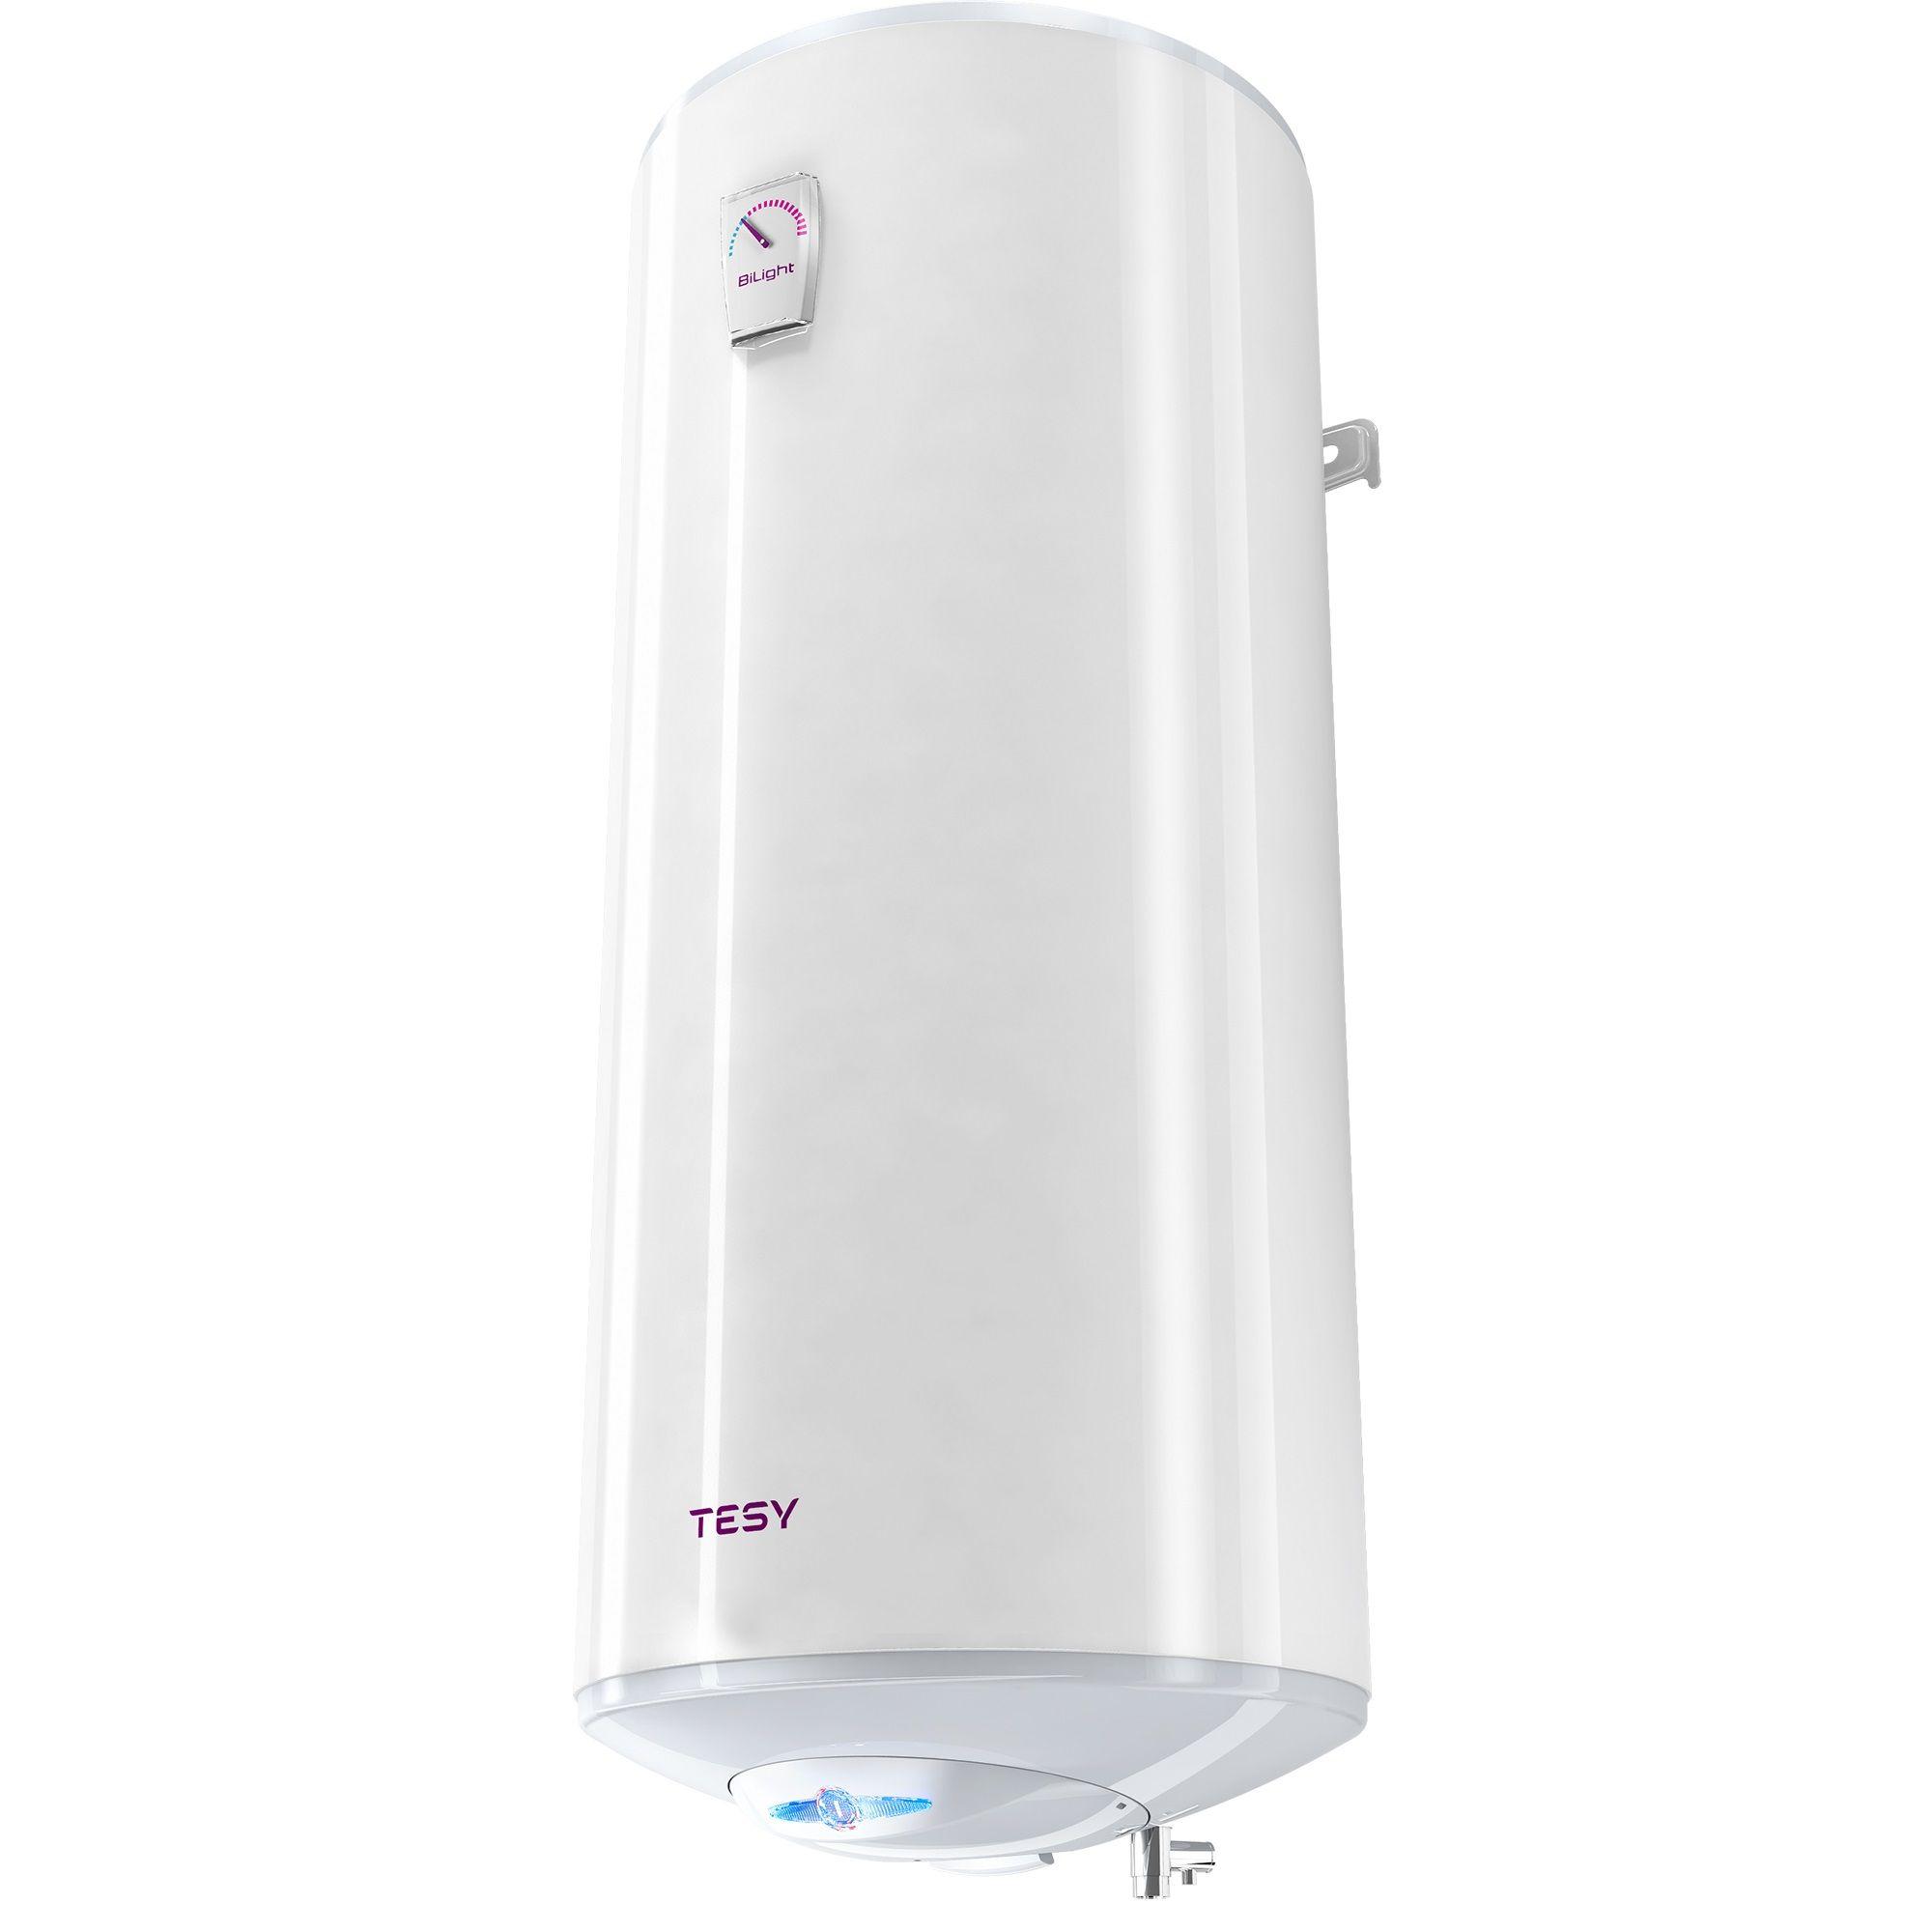 Boiler electric Tesy BiLight GCV1204420B11TSR, 2000 W, 120 l, 0.8 Mpa, 18 mm imagine fornello.ro